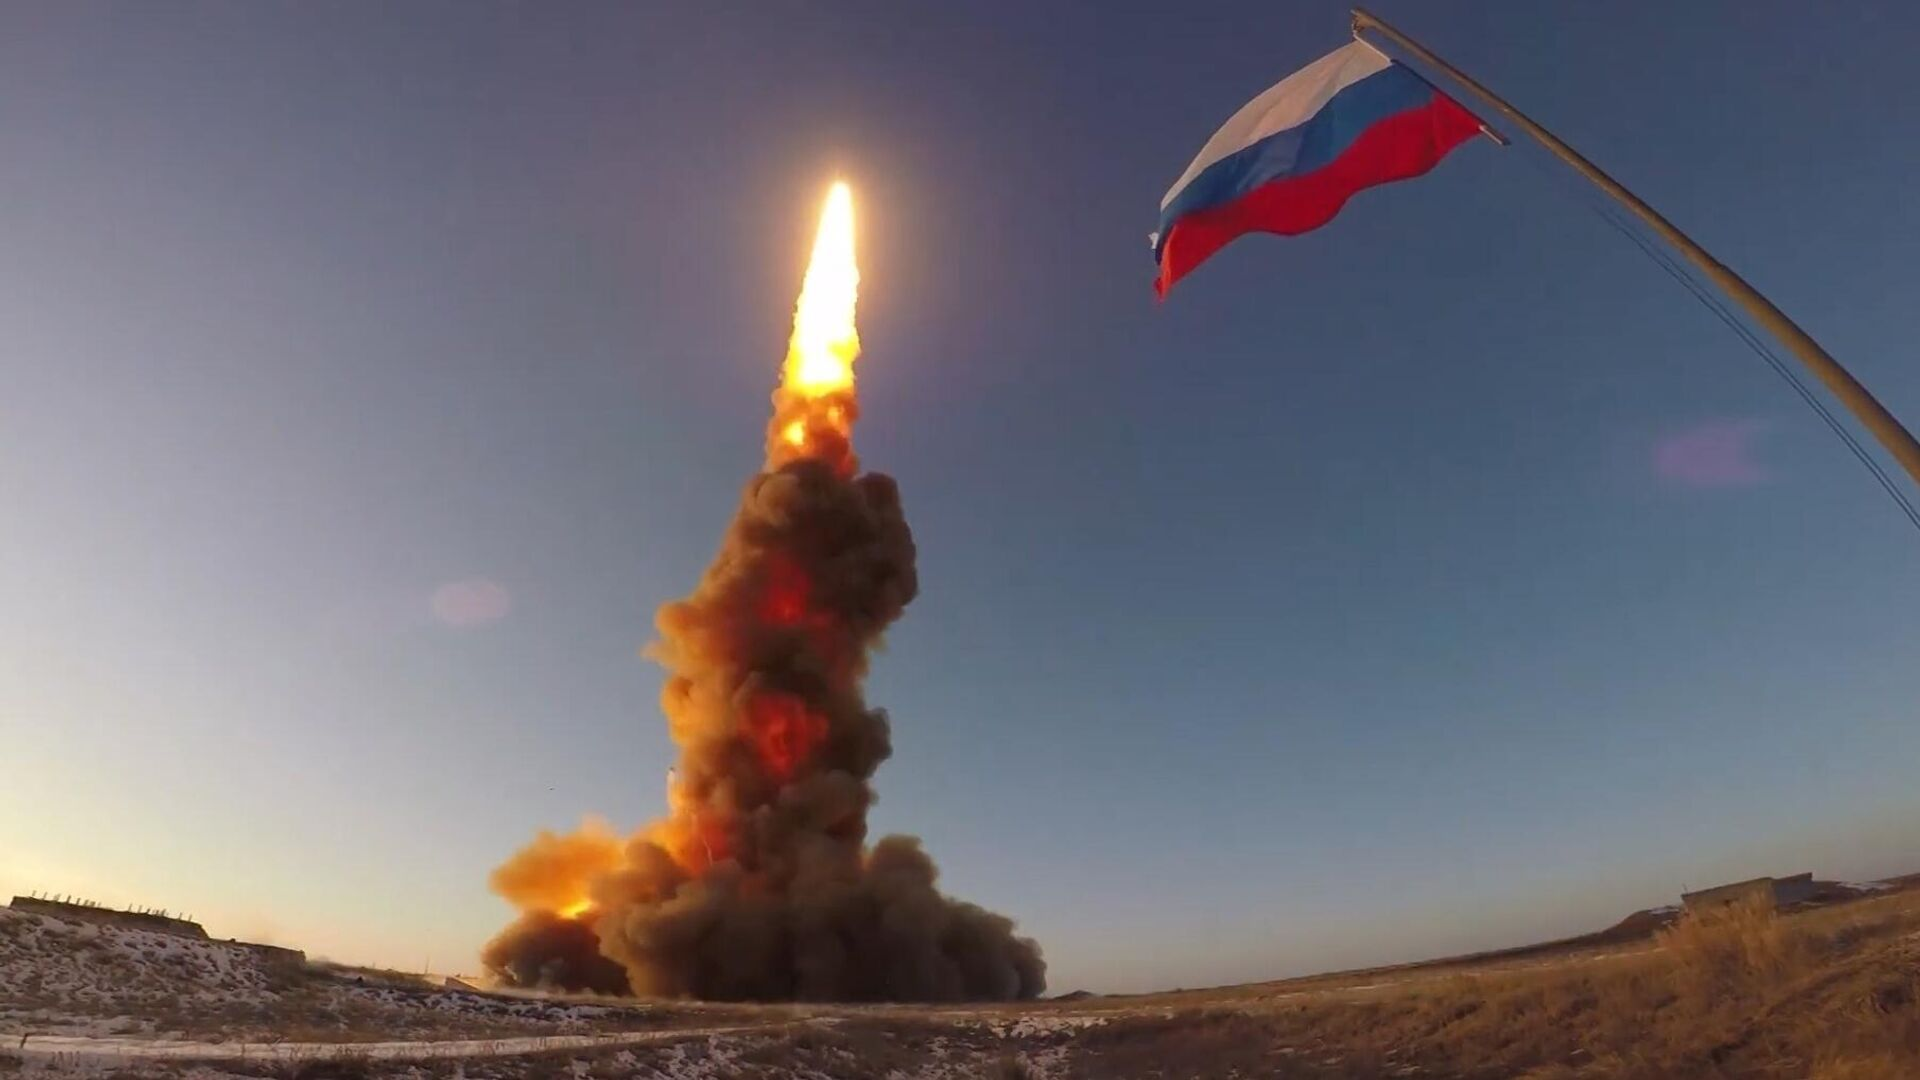 Испытания новой ракеты системы ПРО - Sputnik Таджикистан, 1920, 27.04.2021